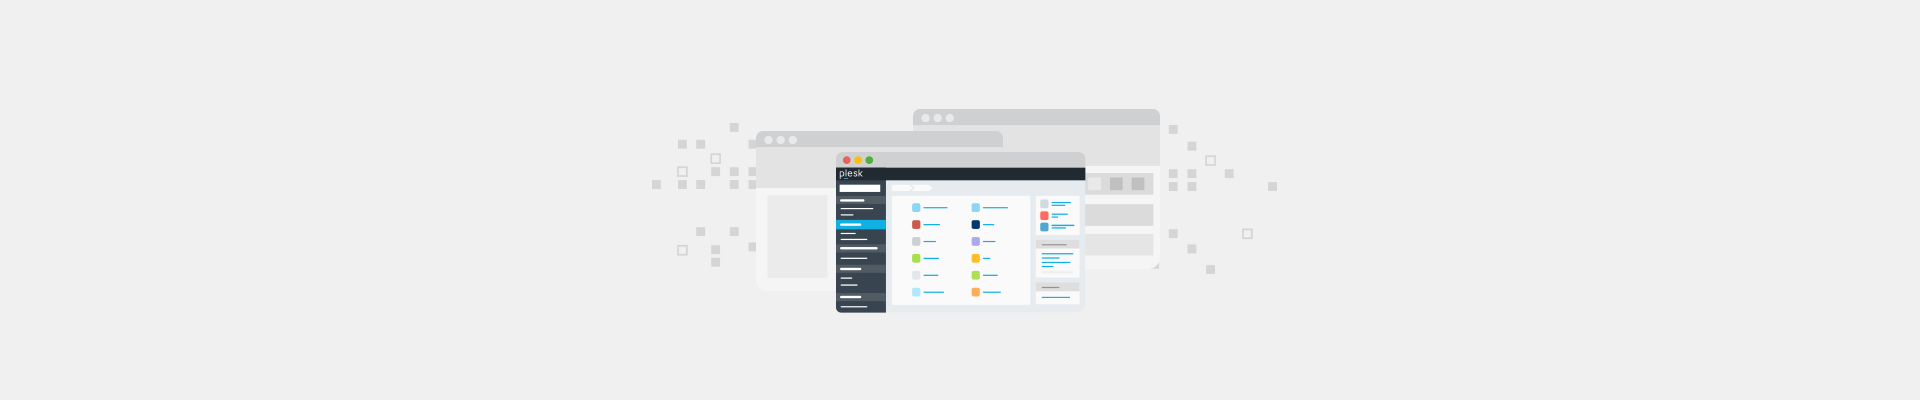 WordPress GZIP compression